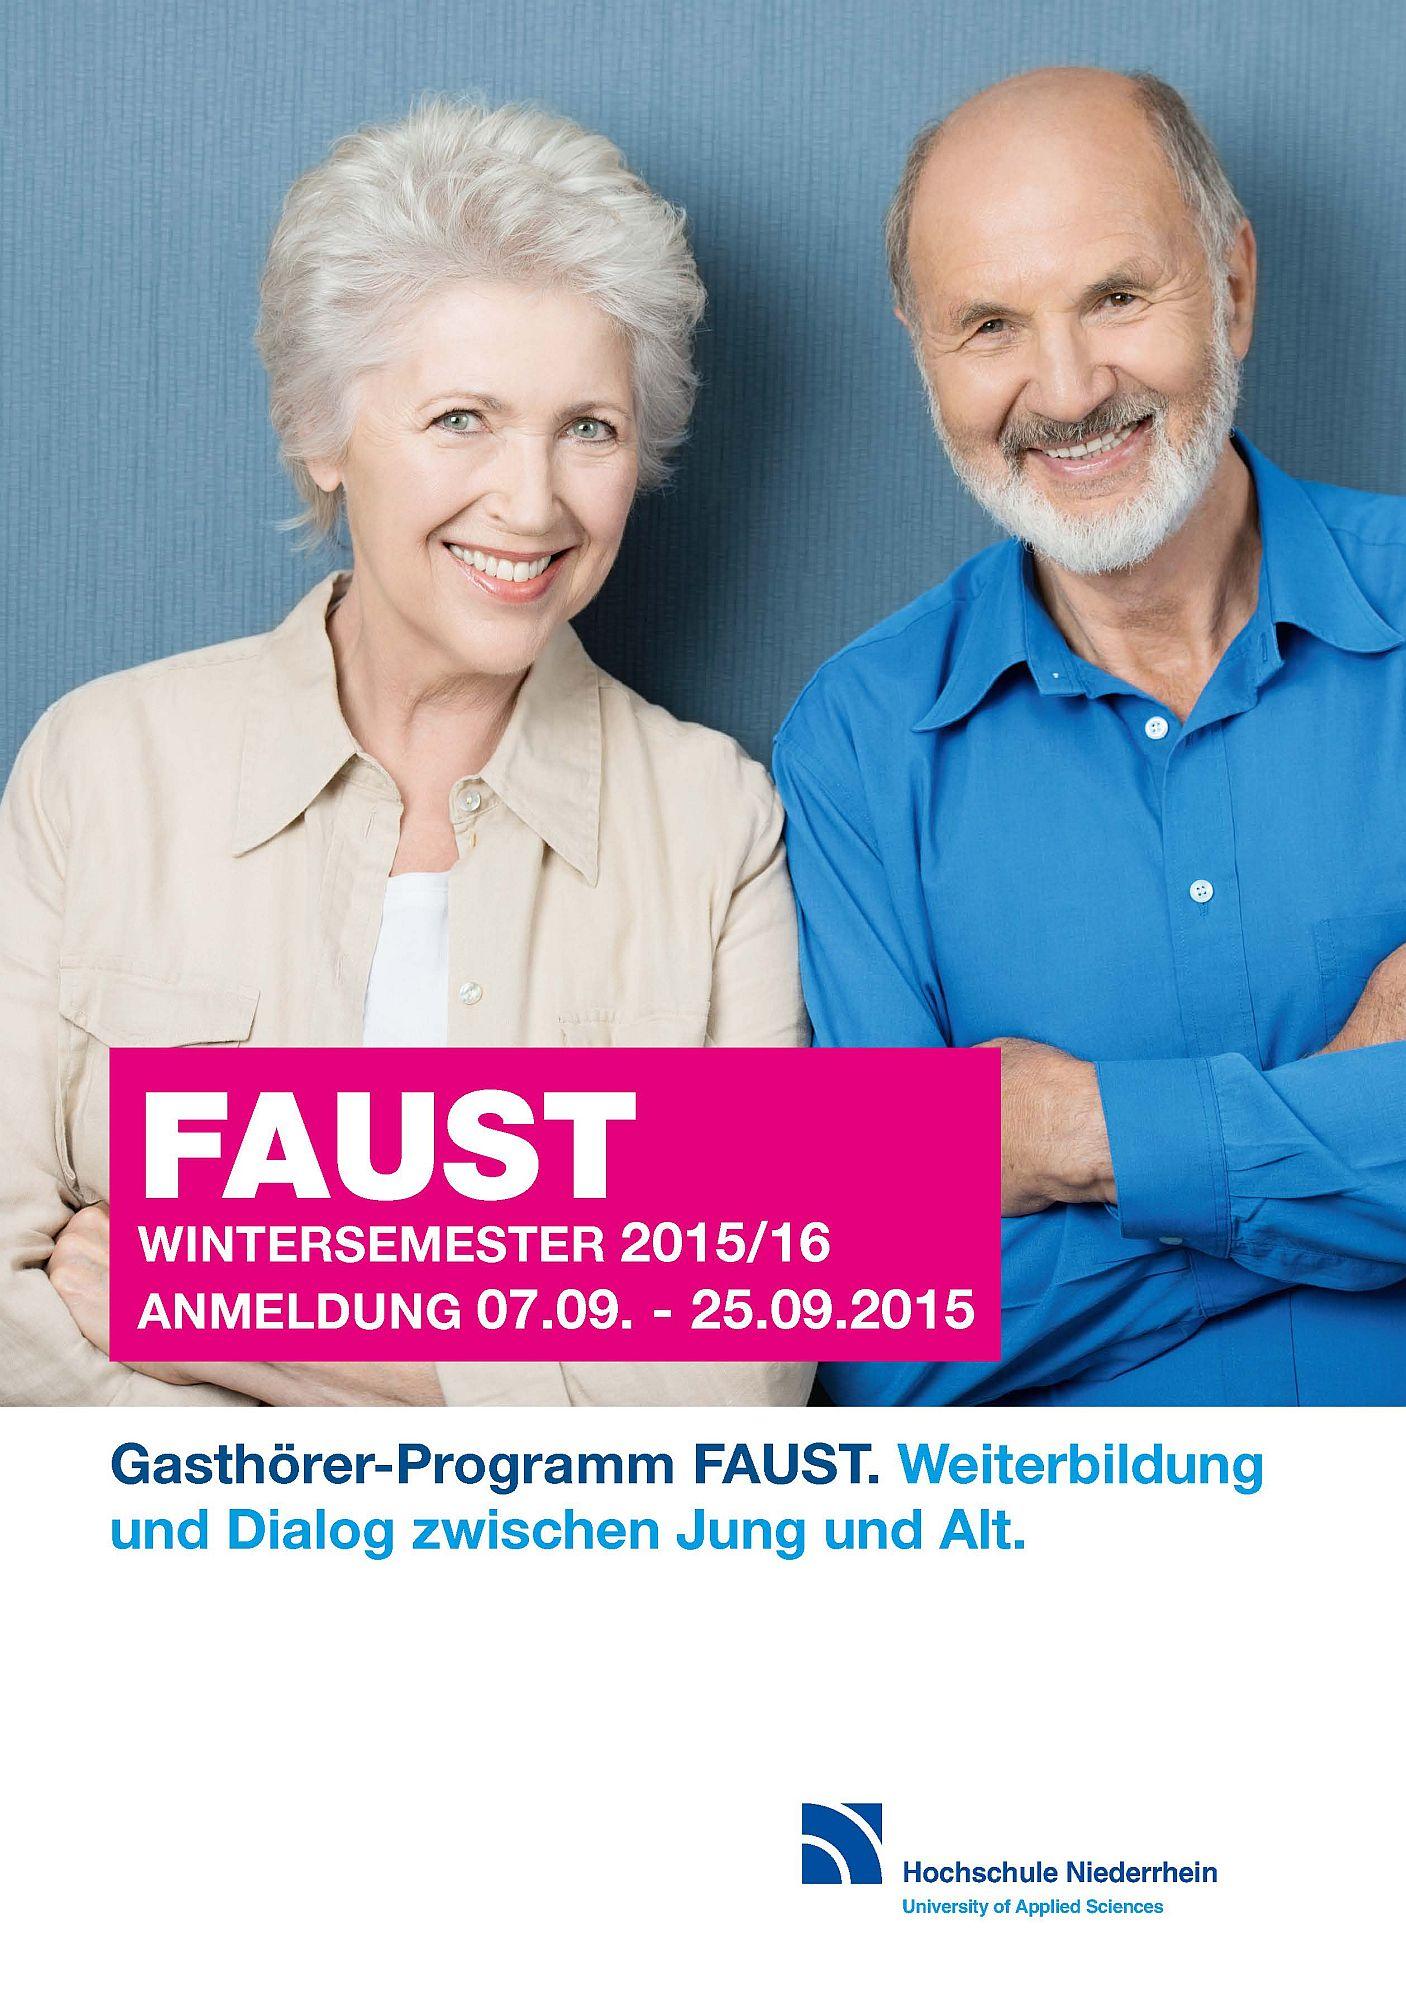 Das FAUST-Gasthörerprogramm für das Wintersemester 2015/2016 ist ab jetzt erhältlich.  (Foto: Hochschule Niederrhein)